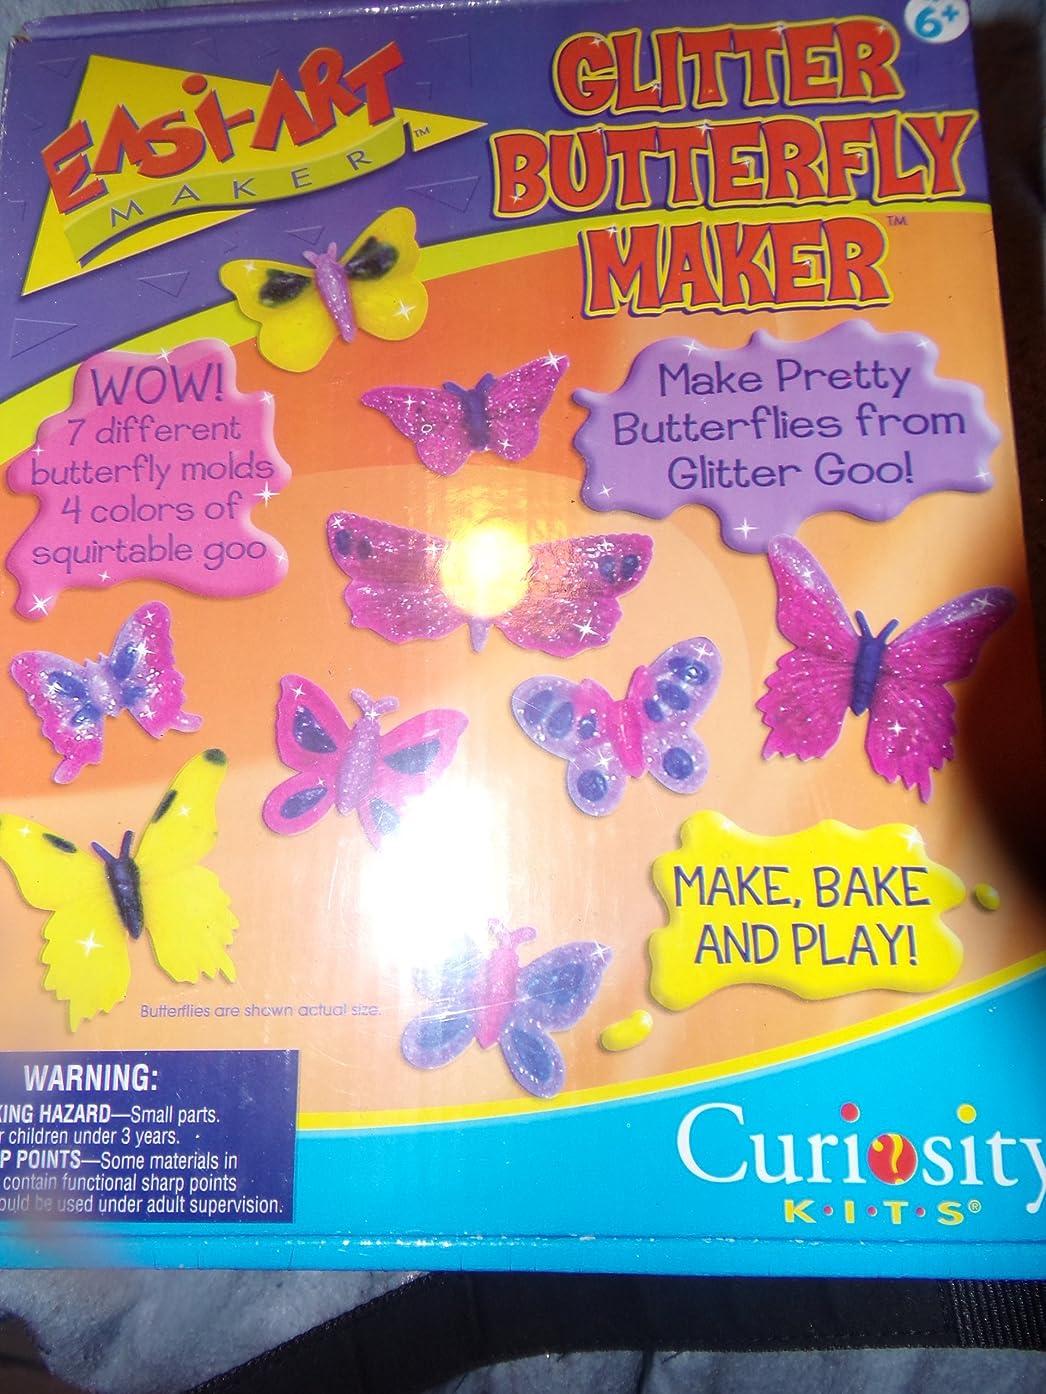 2005 Easi-Art Glitter Butterfly Maker